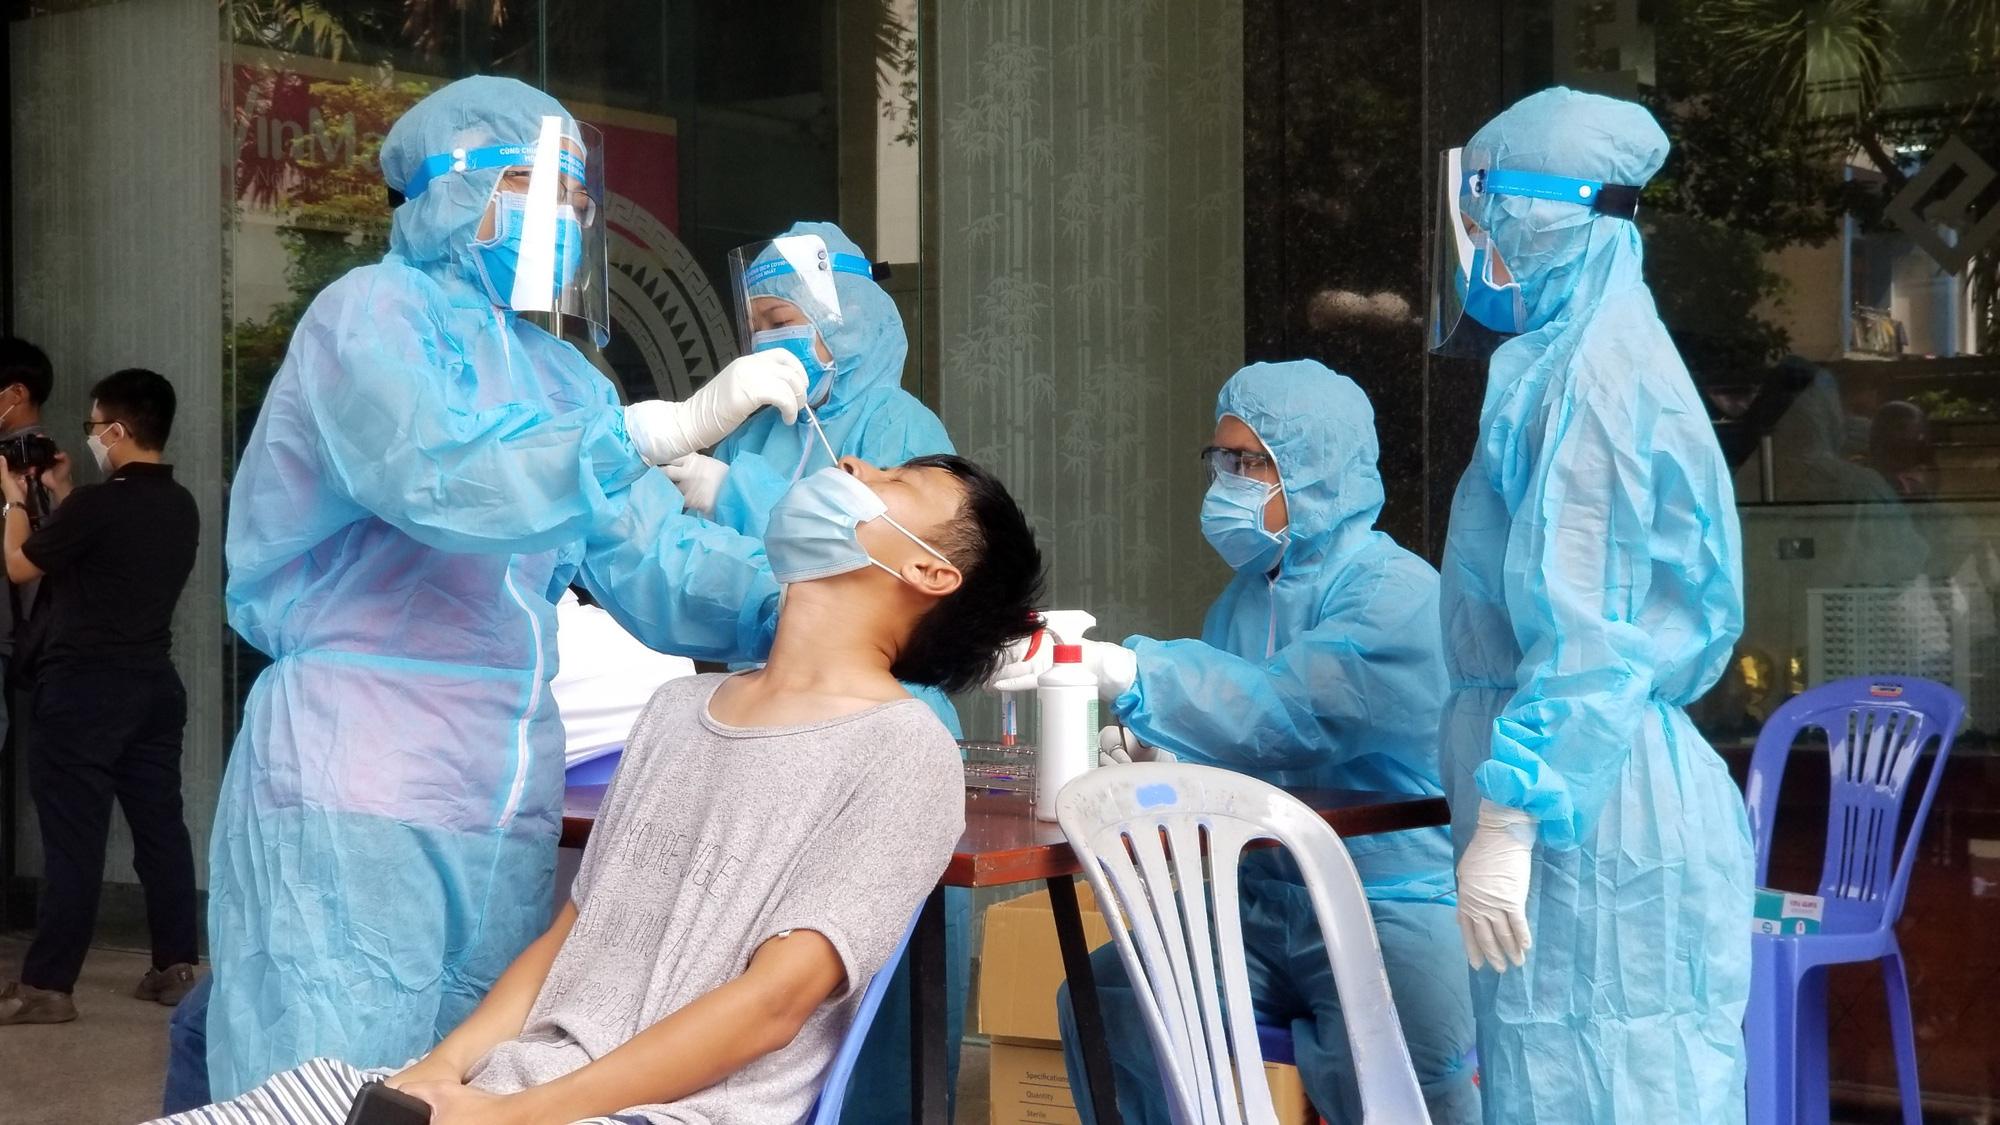 Diễn biến dịch ngày 27/7: Có thêm 1602 người khỏi bệnh, tổng số bệnh nhân khỏi bệnh gần 23.000 người - Ảnh 15.